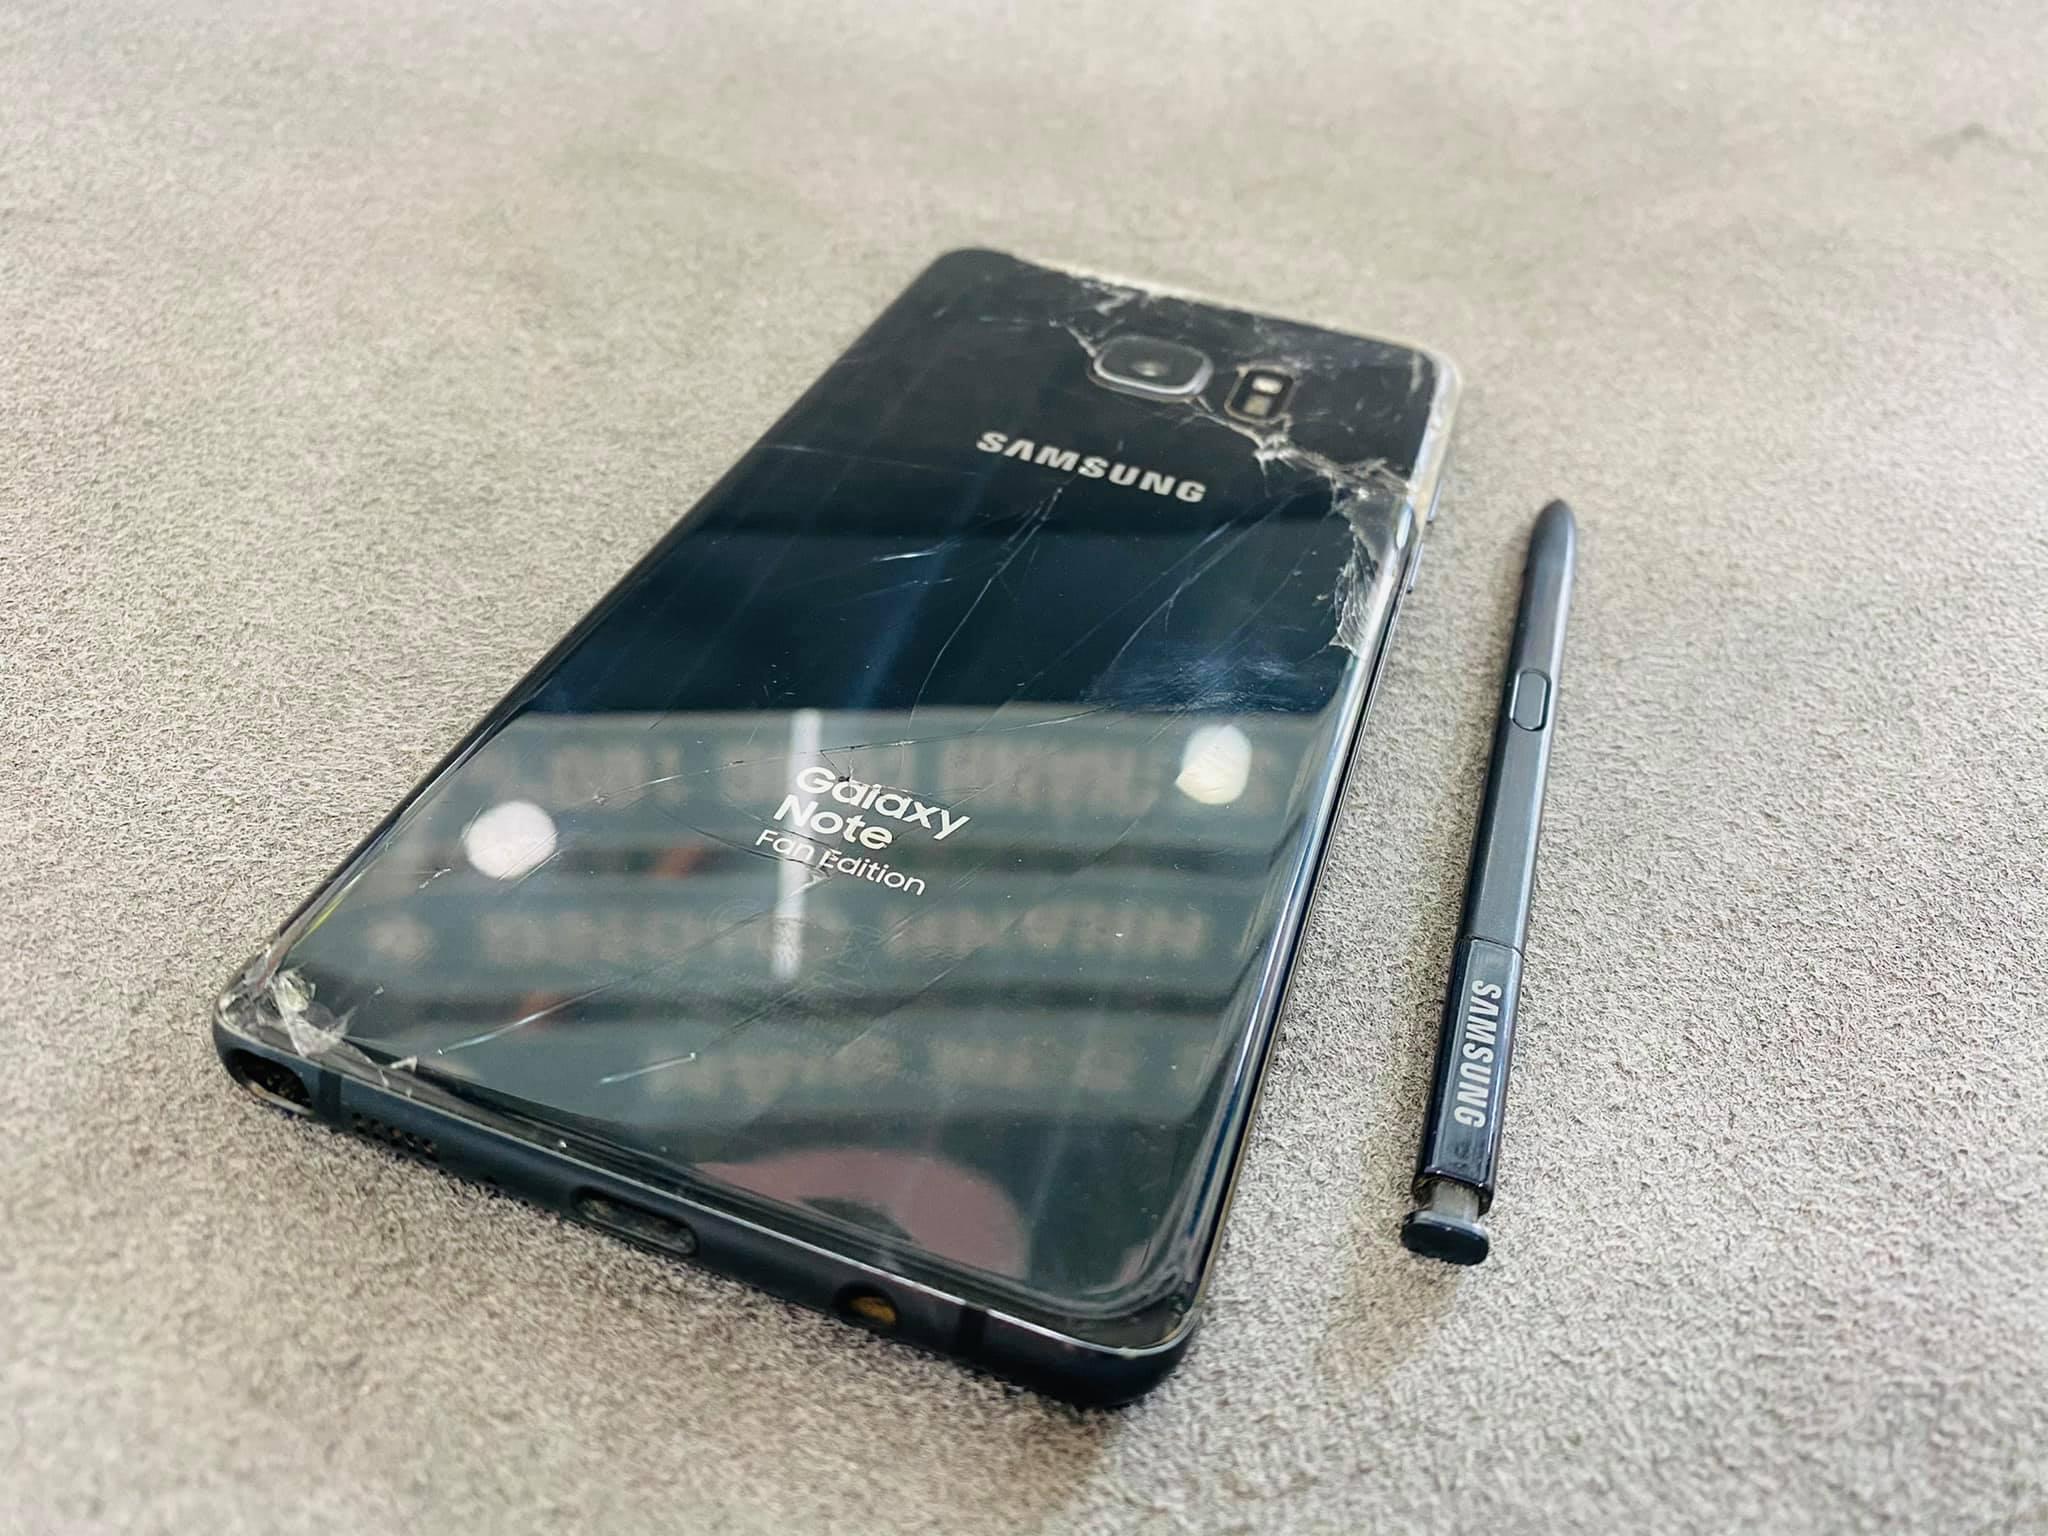 Thay Nắp Lưng Samsung Note FE Uy Tín Chất Lượng Số 1 Vũng Tàu